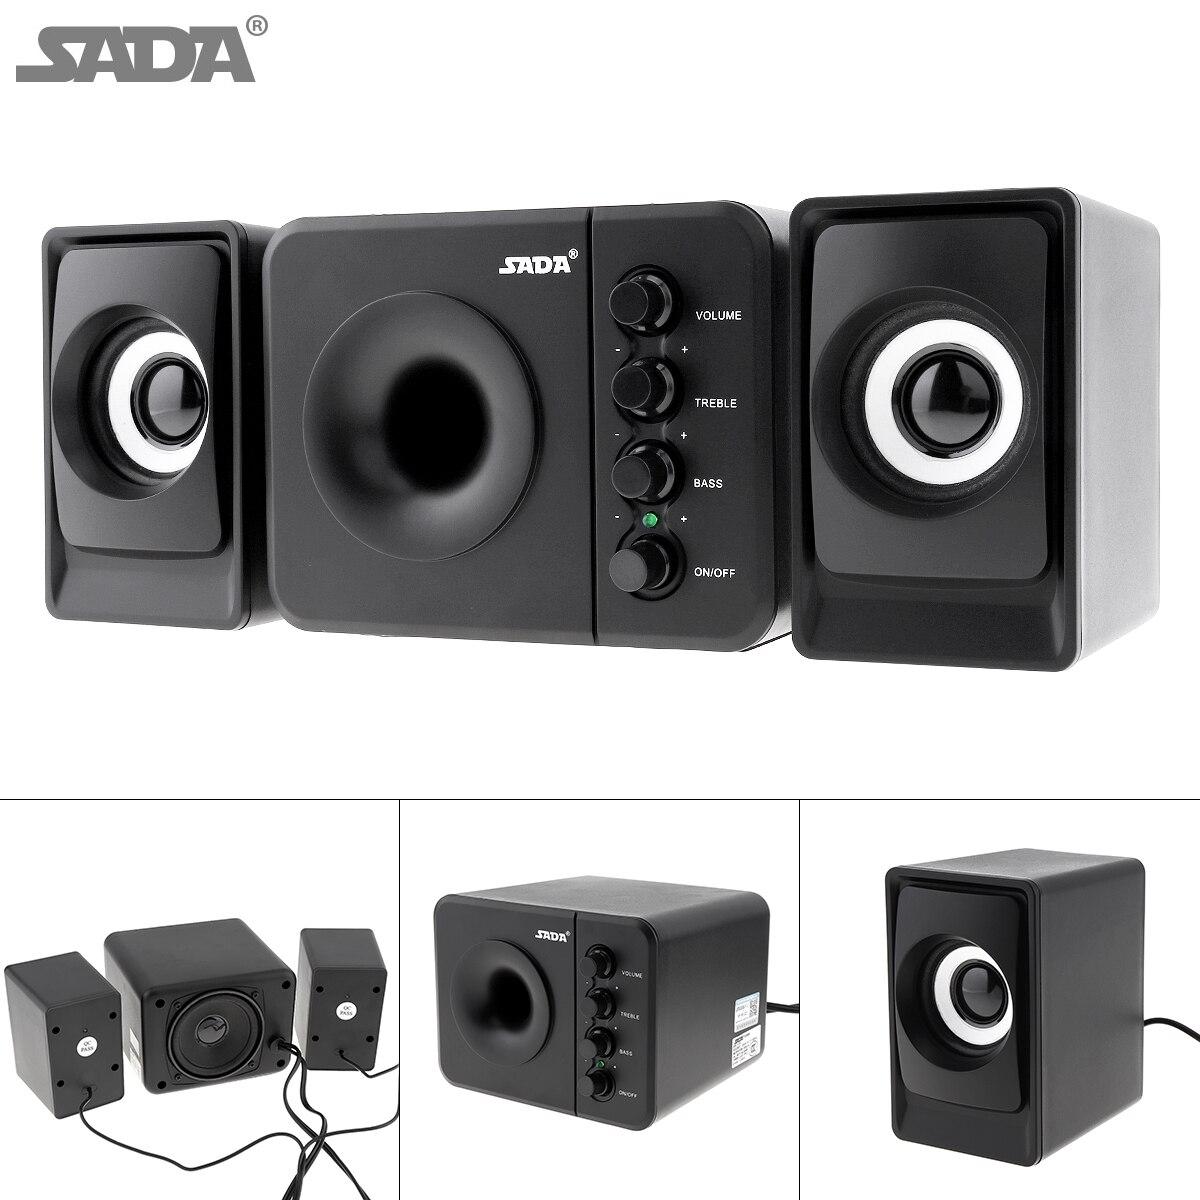 SADA D-205 yeni tam aralıklı 3D Stereo Subwoofer 100% bas PC hoparlör taşınabilir müzik DJ USB bilgisayar hoparlörleri dizüstü bilgisayar için TV